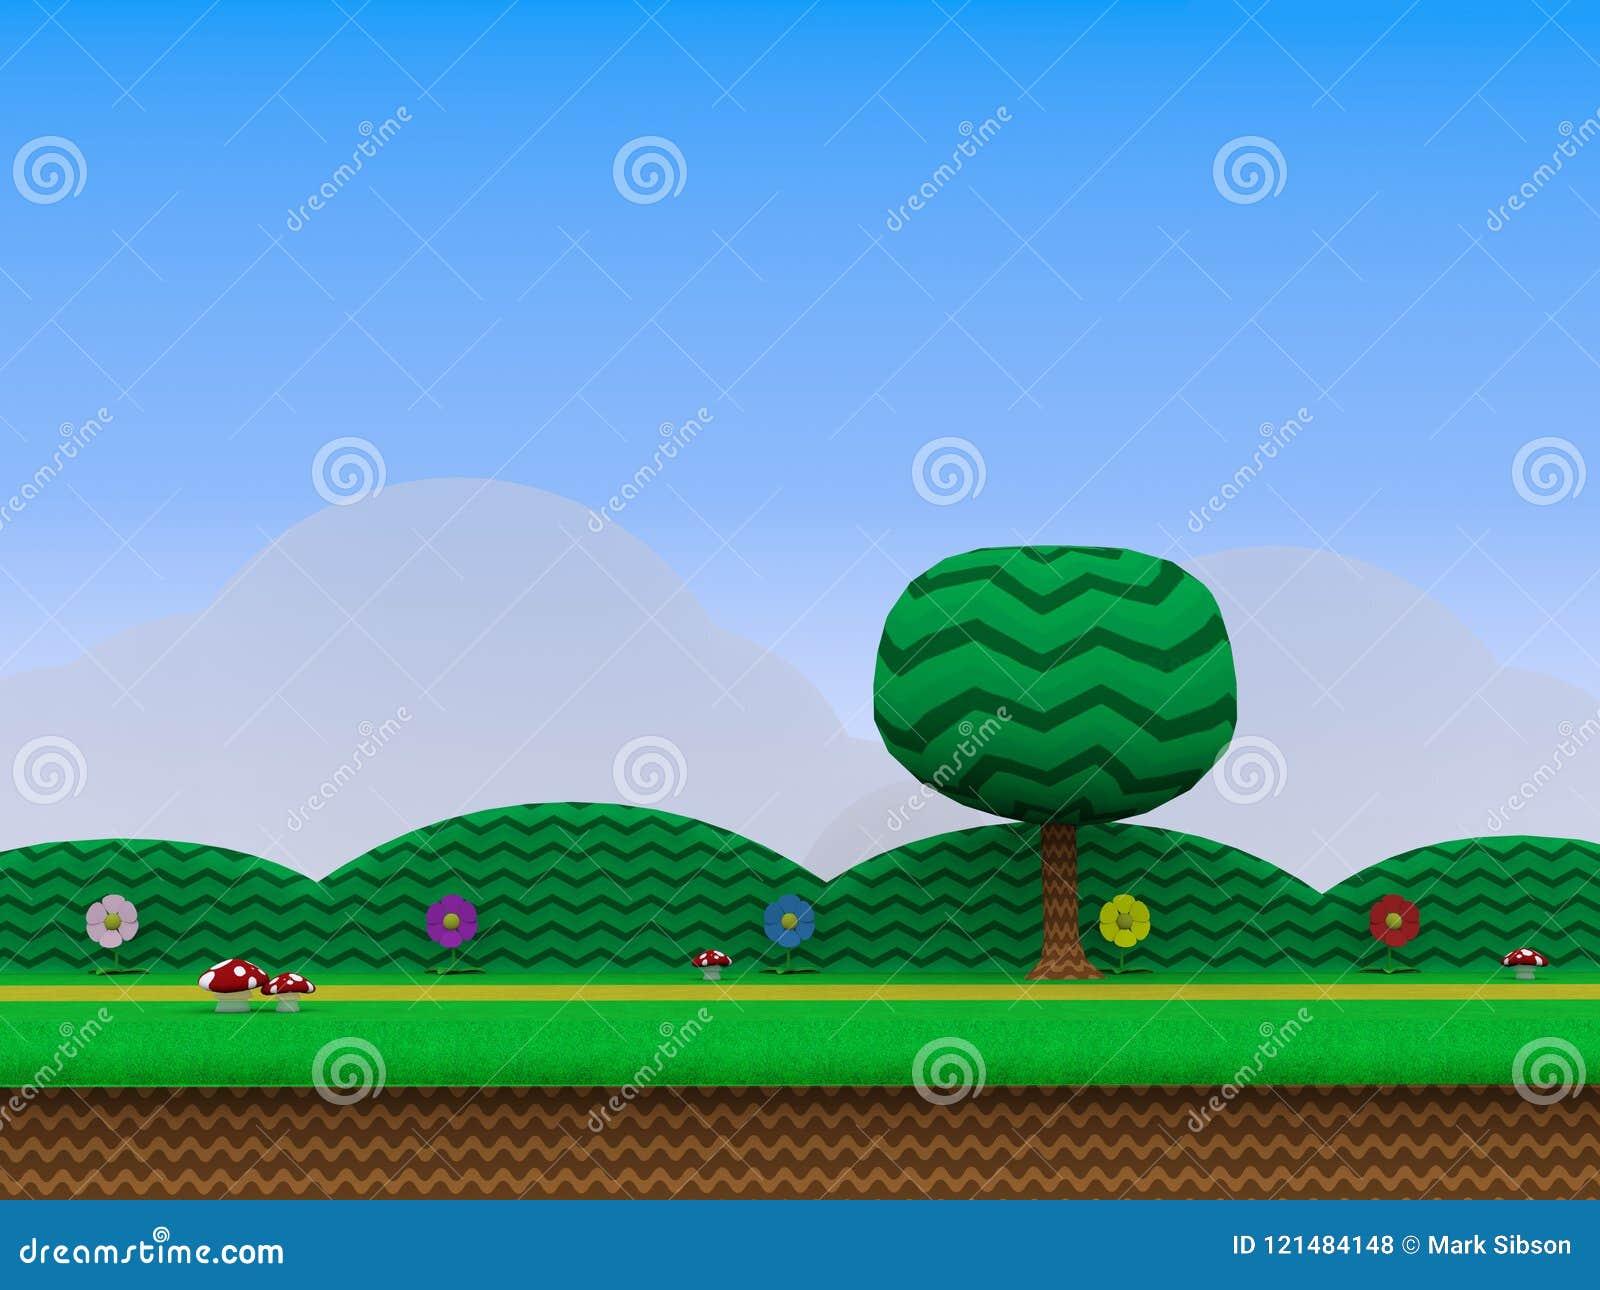 Platform Video Game Background 3d Illustration Stock